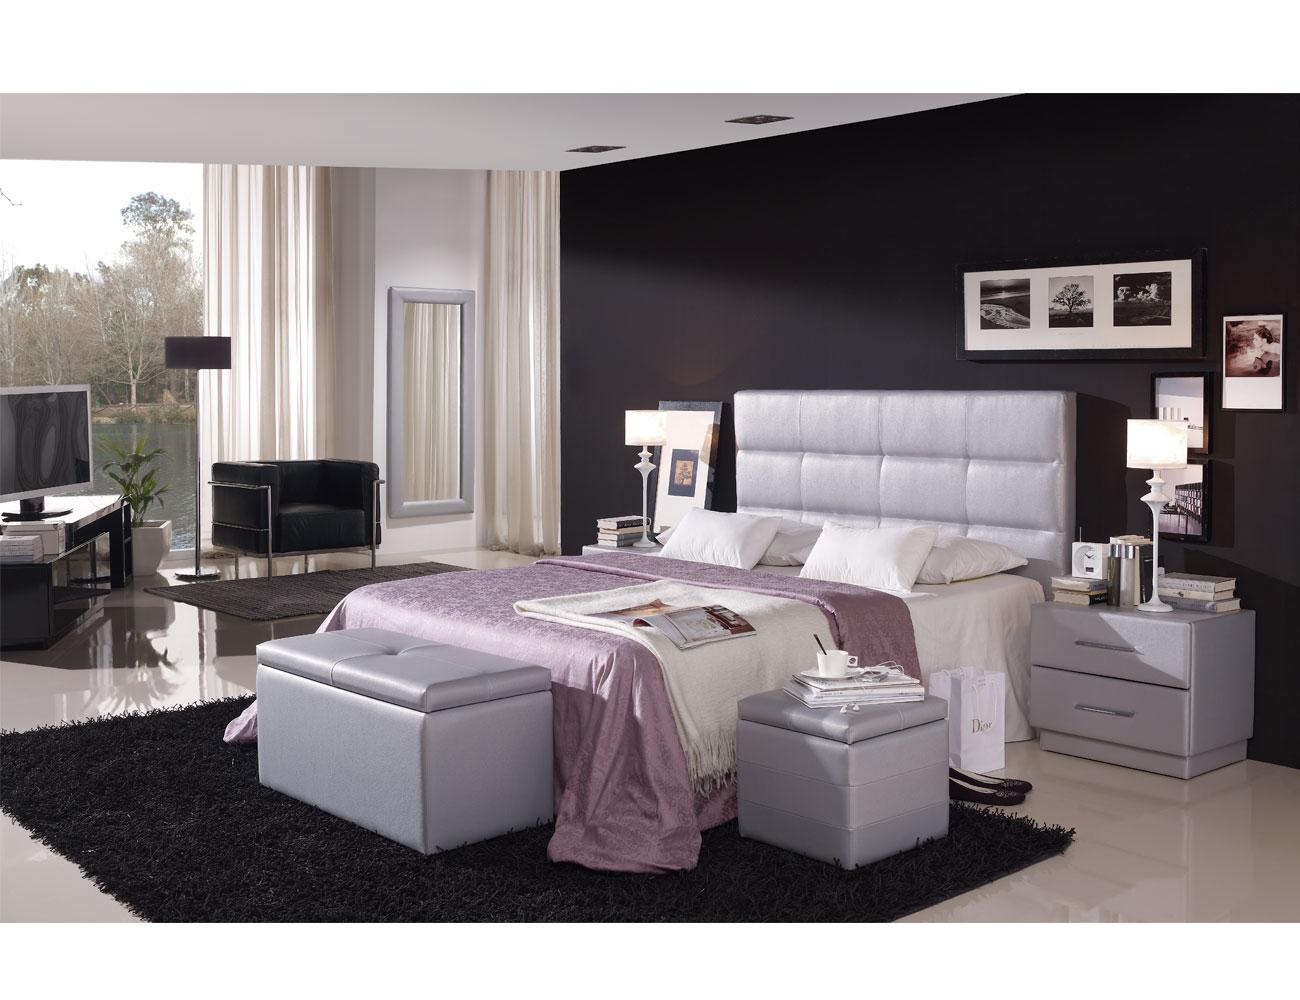 23 marco tapizado dormitorio916